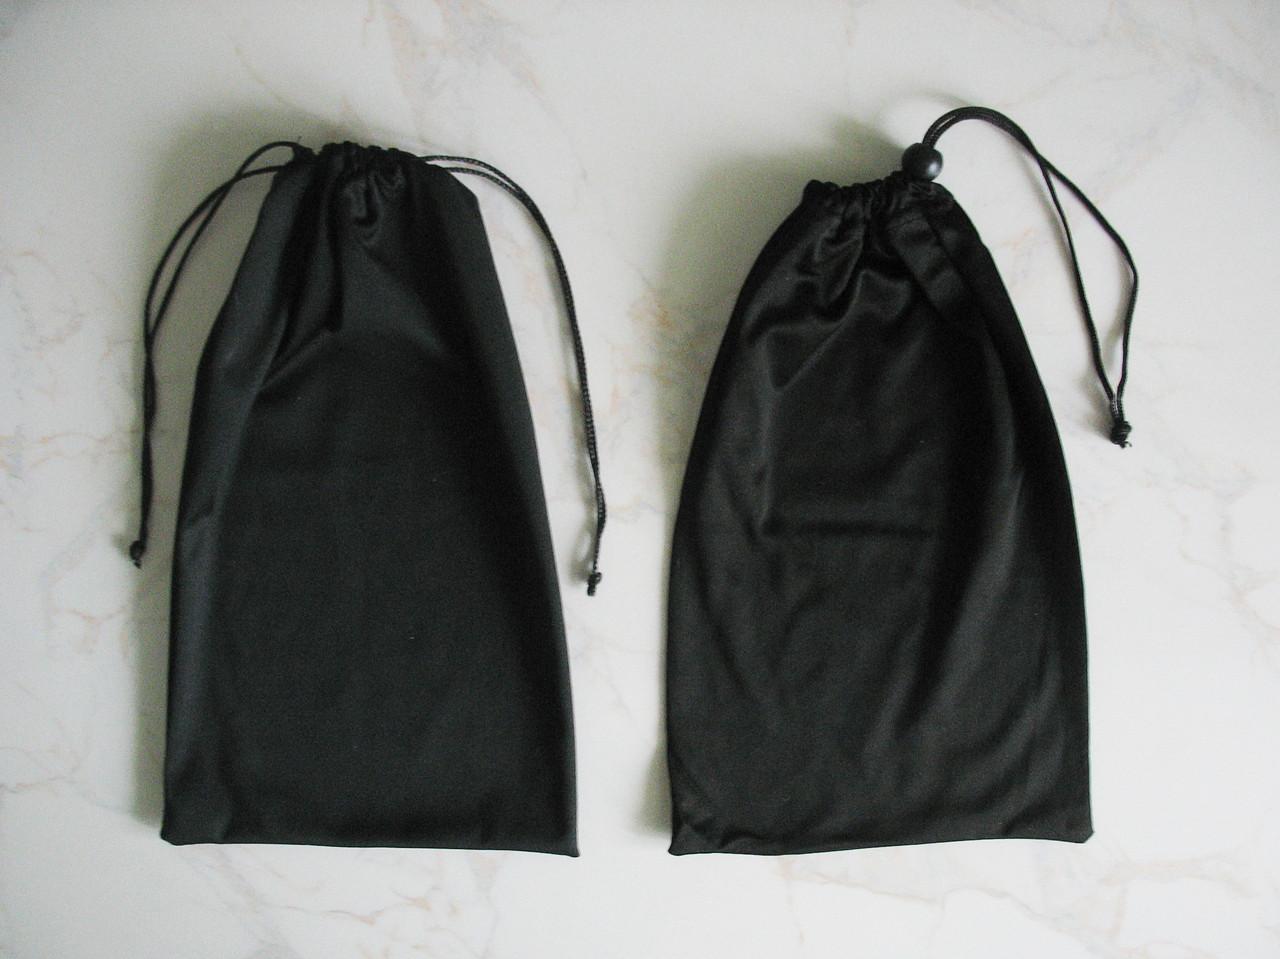 Мішечок / чохол / кисет з затяжками для зберігання лижних масок, з мікрофібри (15 * 25 см)